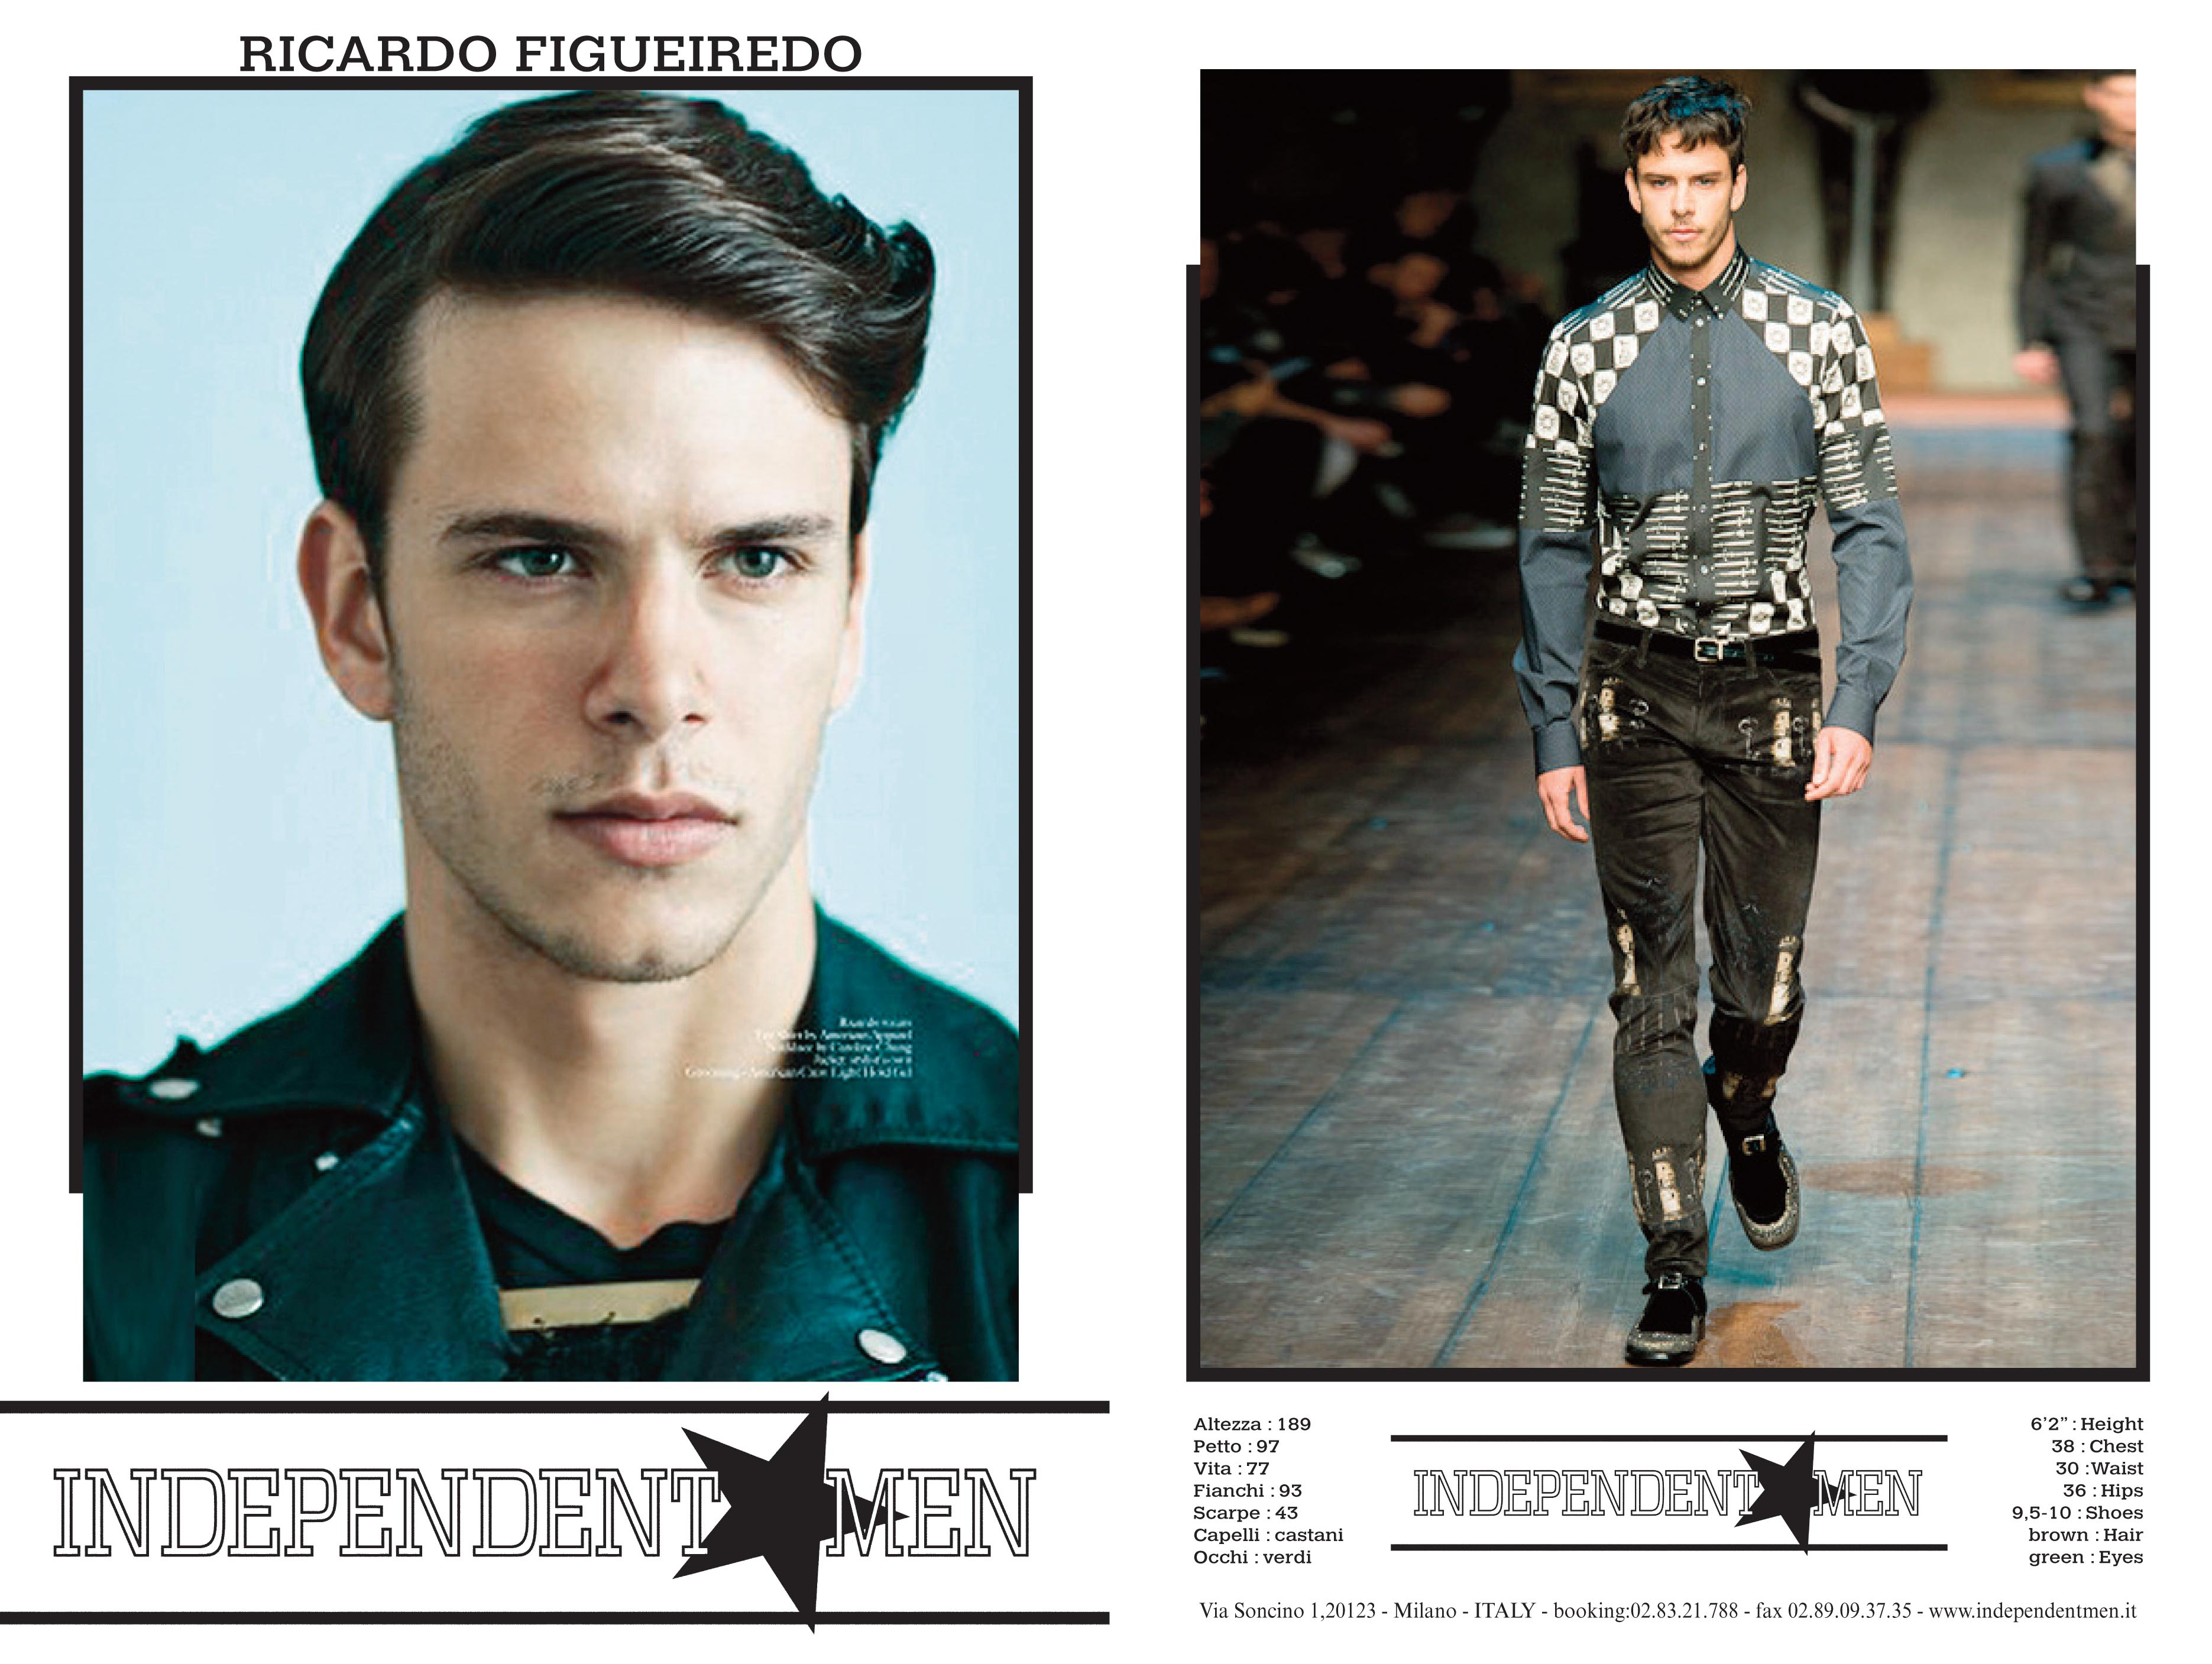 Layout 1 image RICARDO FIGUEIREDO